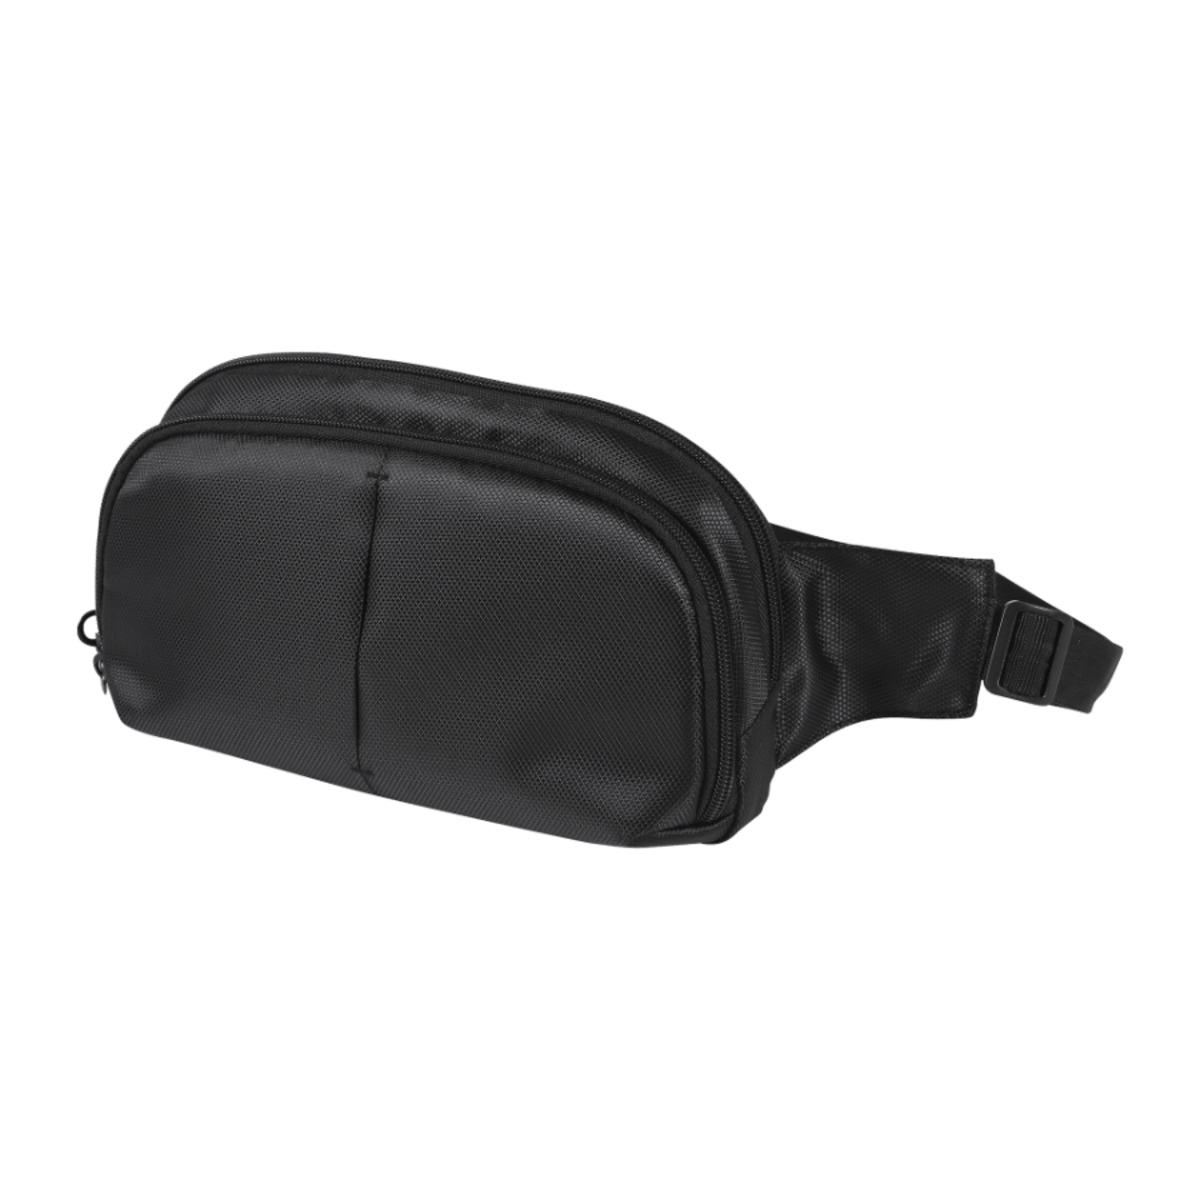 Bild 5 von ROYAL LIFE     Diebstahlschutz-Tasche